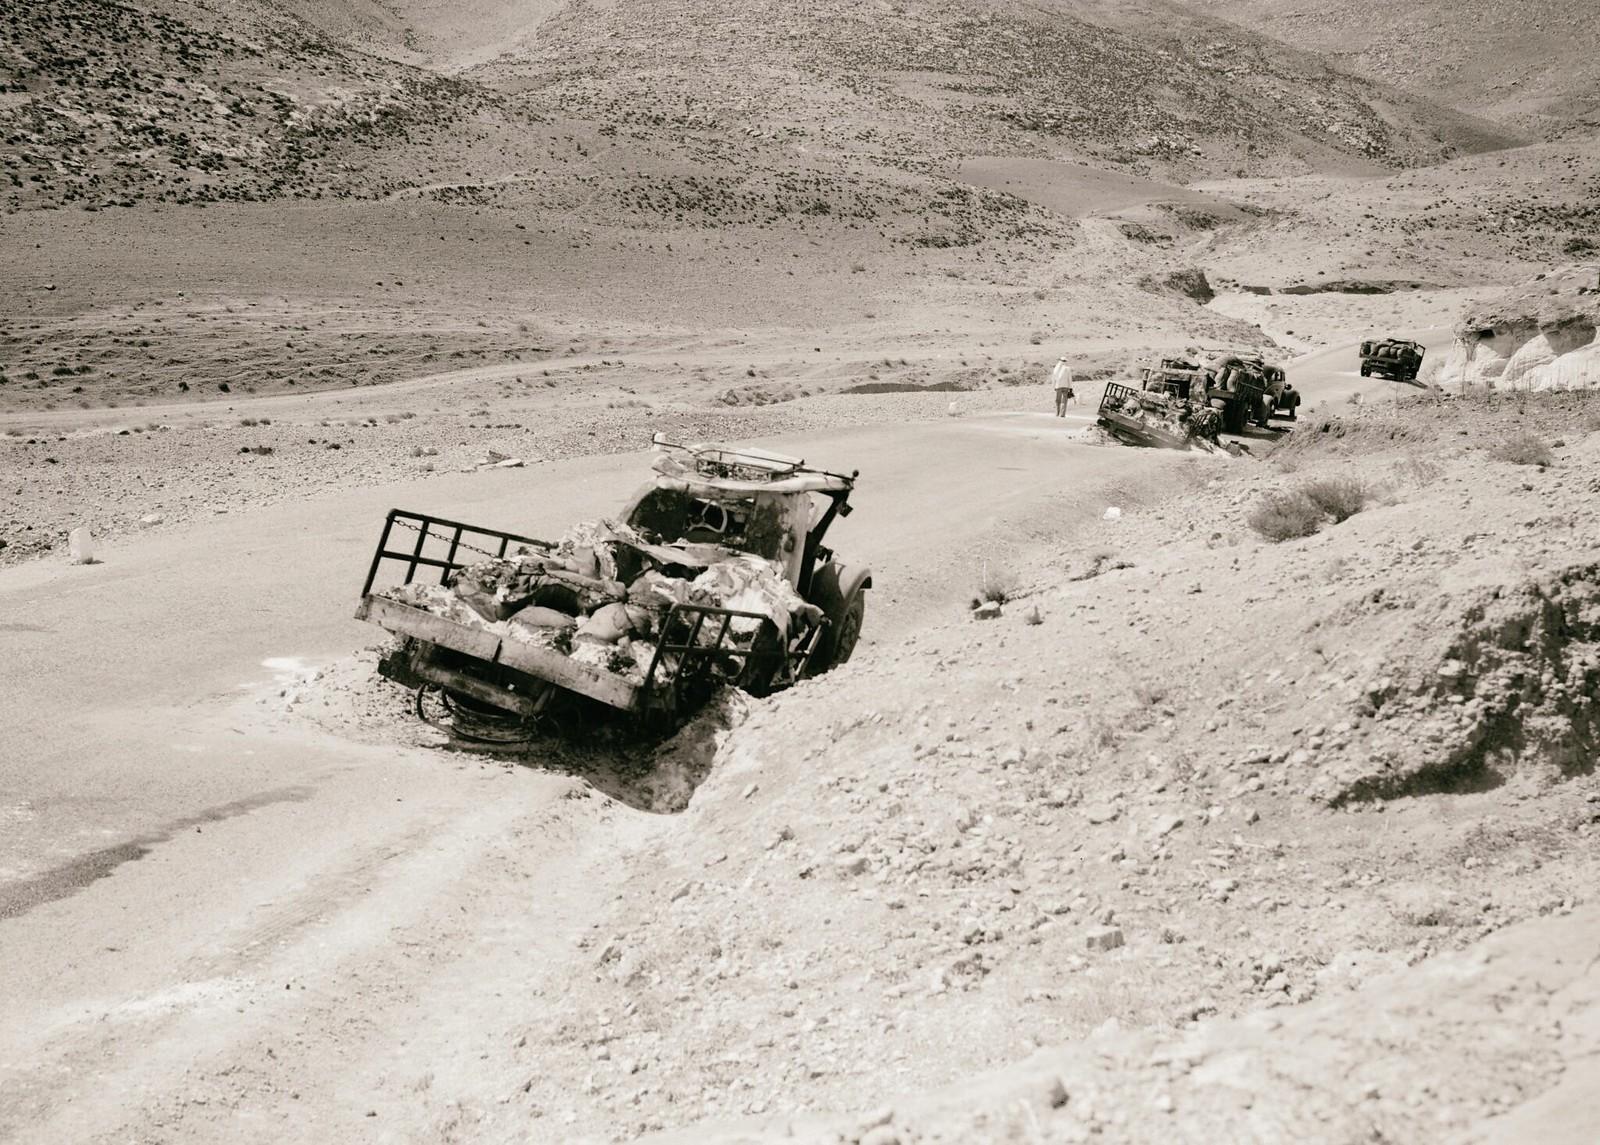 17. 1938. Два из пяти грузовиков с калием, уничтоженных арабскими мятежниками на дороге в Иерихон